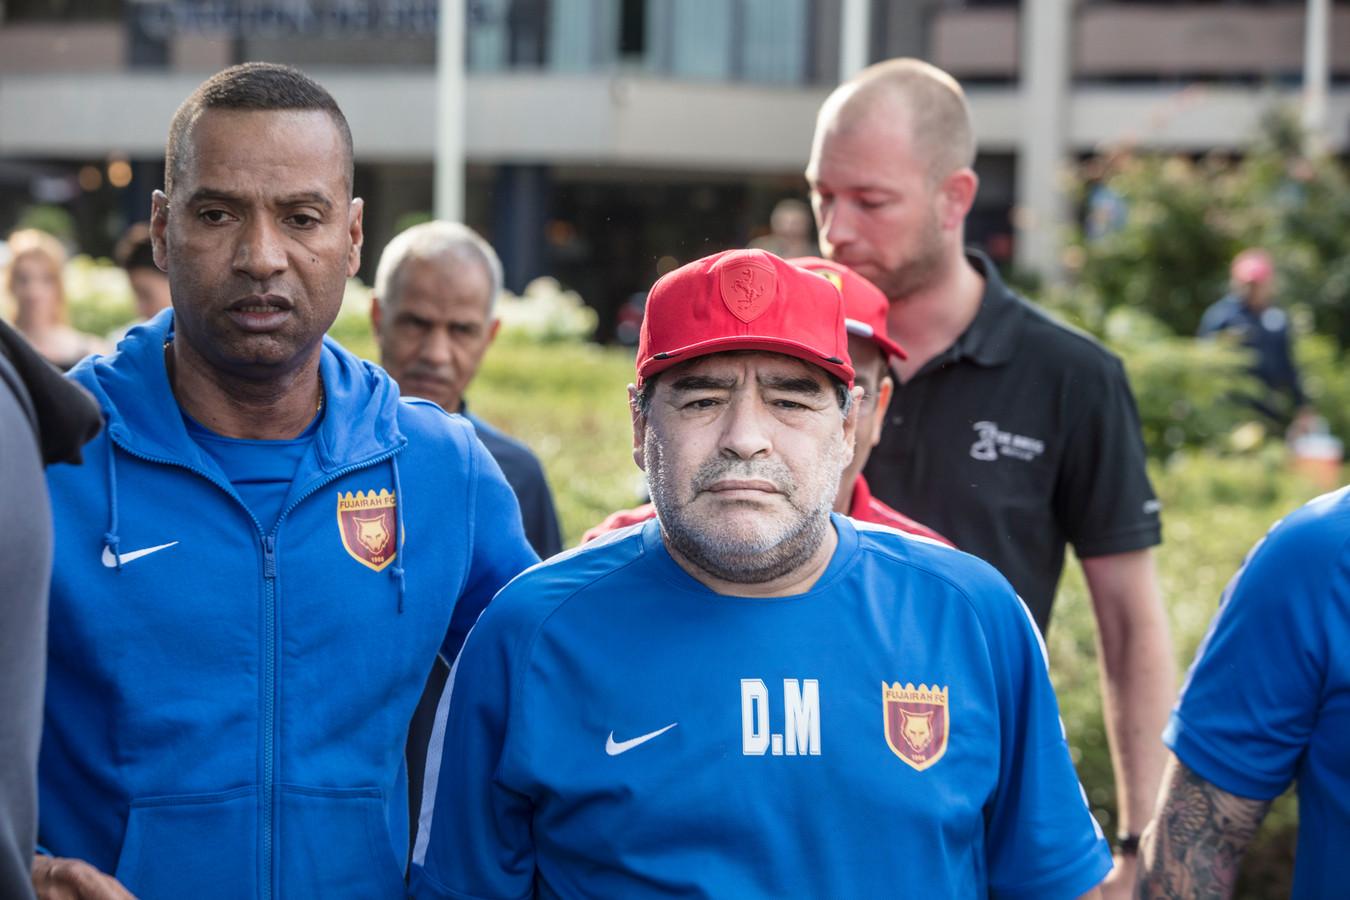 Diego Maradona met zijn voetbalclub bij de Brug in Mierlo, Energiedirect.nl haakte er met een publieksactie op in.